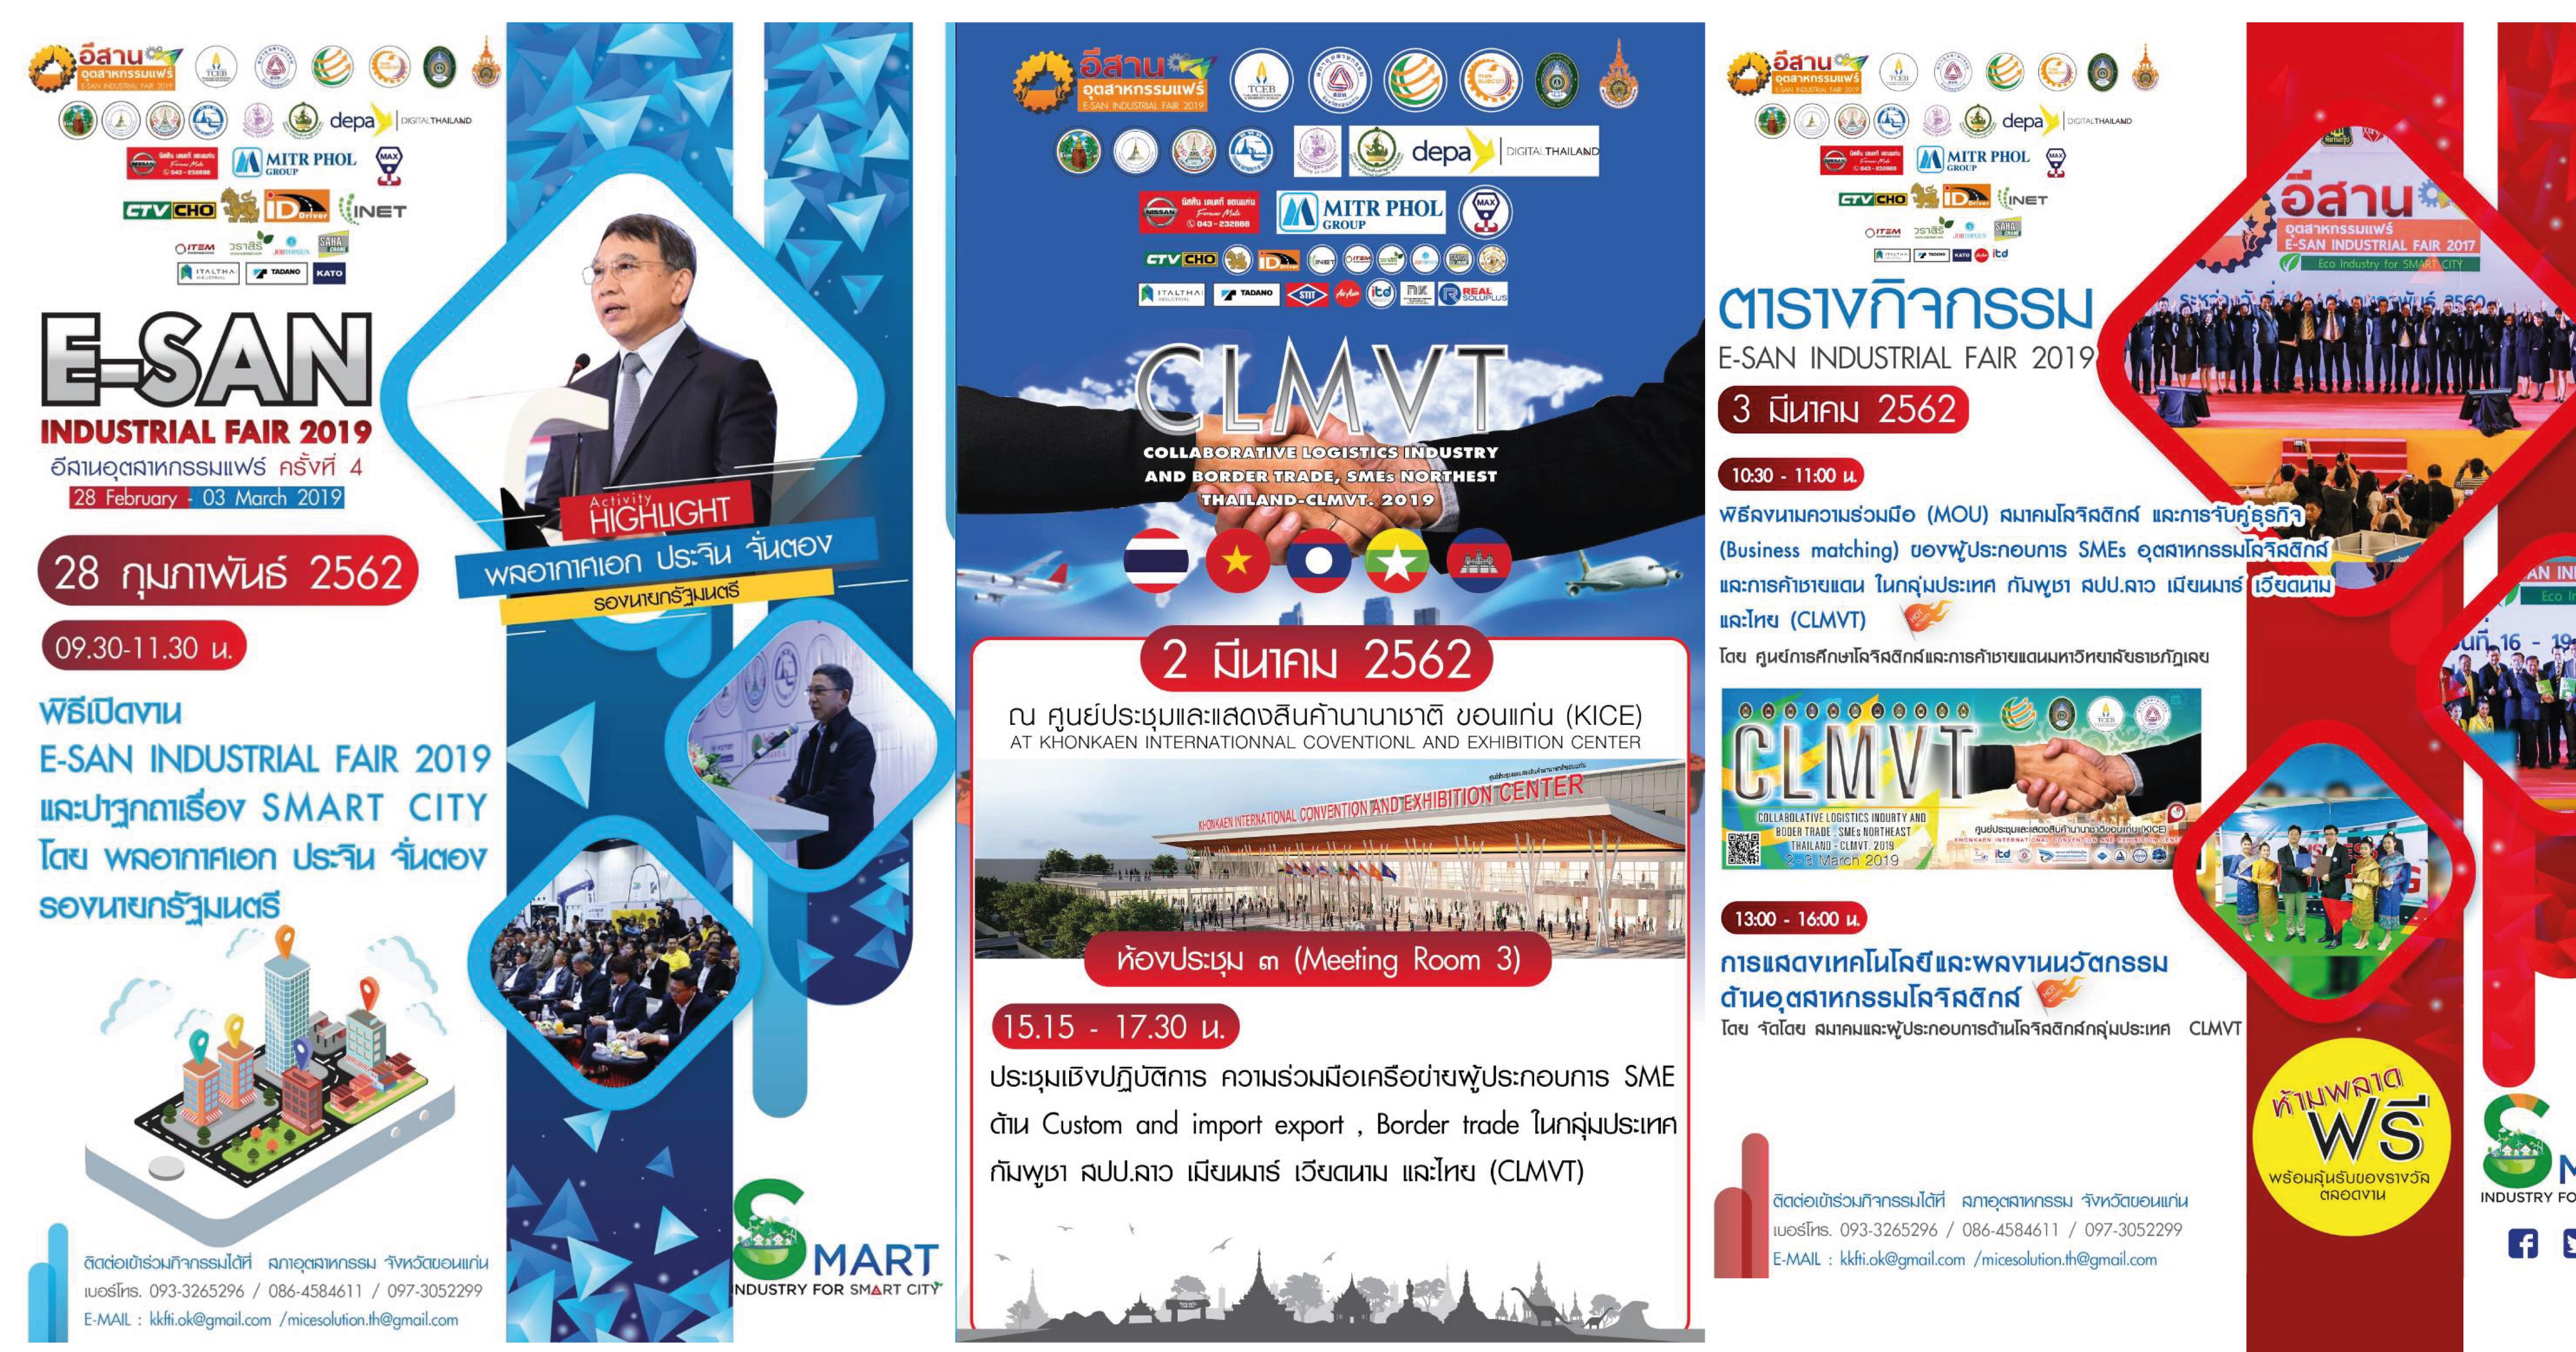 การสัมมนาวิชาการโครงการสร้างความร่วมมือผู้ประกอบการ SME ในอุตสาหกรรมโลจิสติกส์และการค้าชายแดน ประเทศกัมพูชา สปป.ลาว เมียนมาร์ เวียดนาม และไทย (CLMVT)